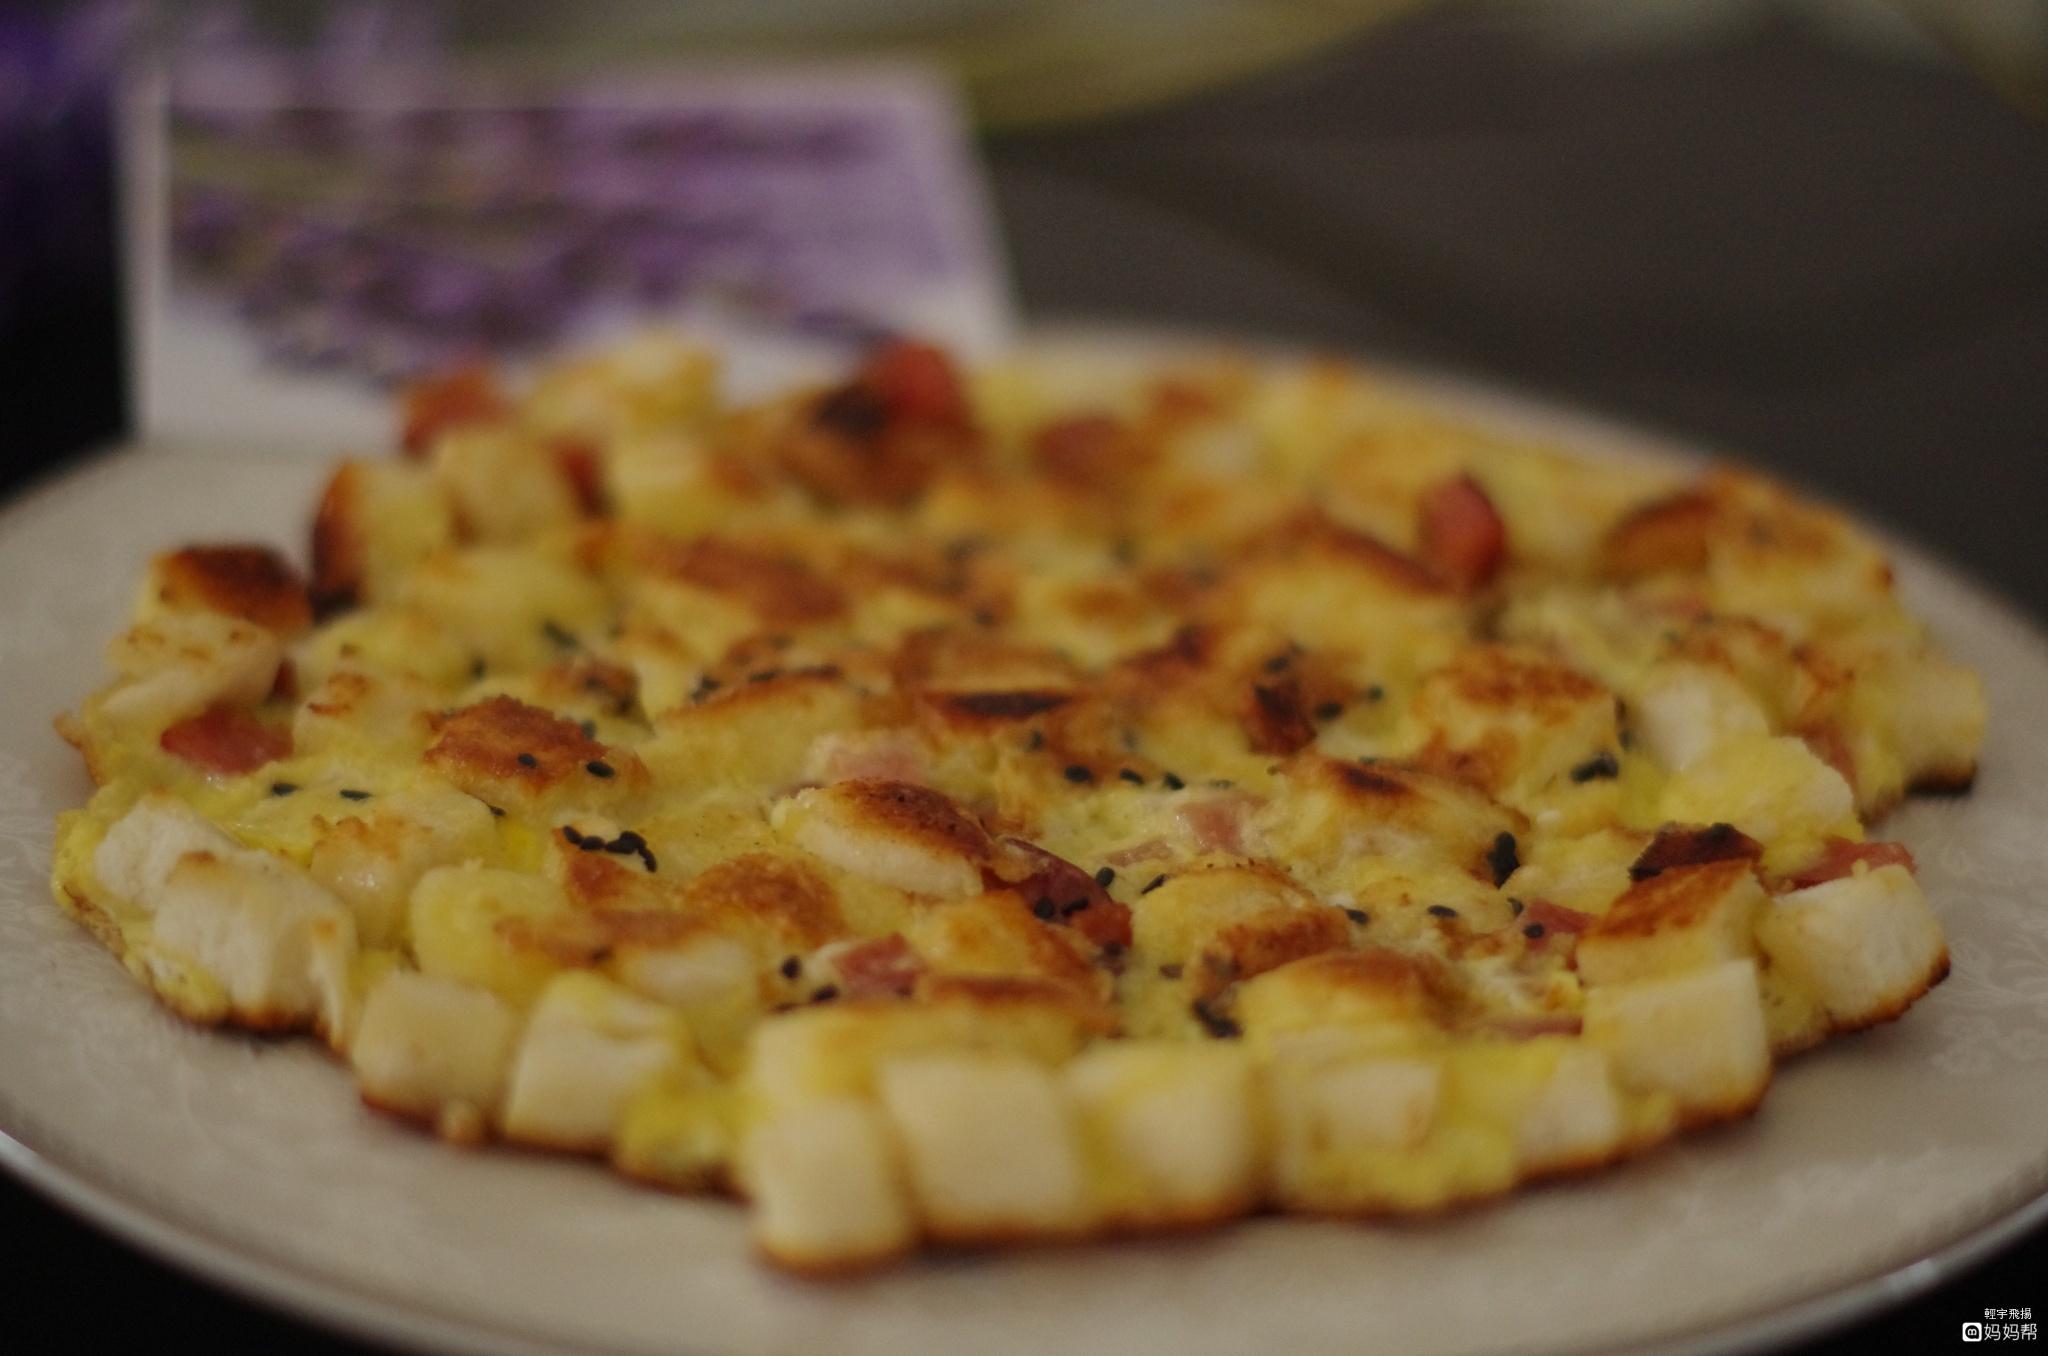 【九阳美食】 馒头火腿鸡蛋披萨(抖音馒头花样吃法)